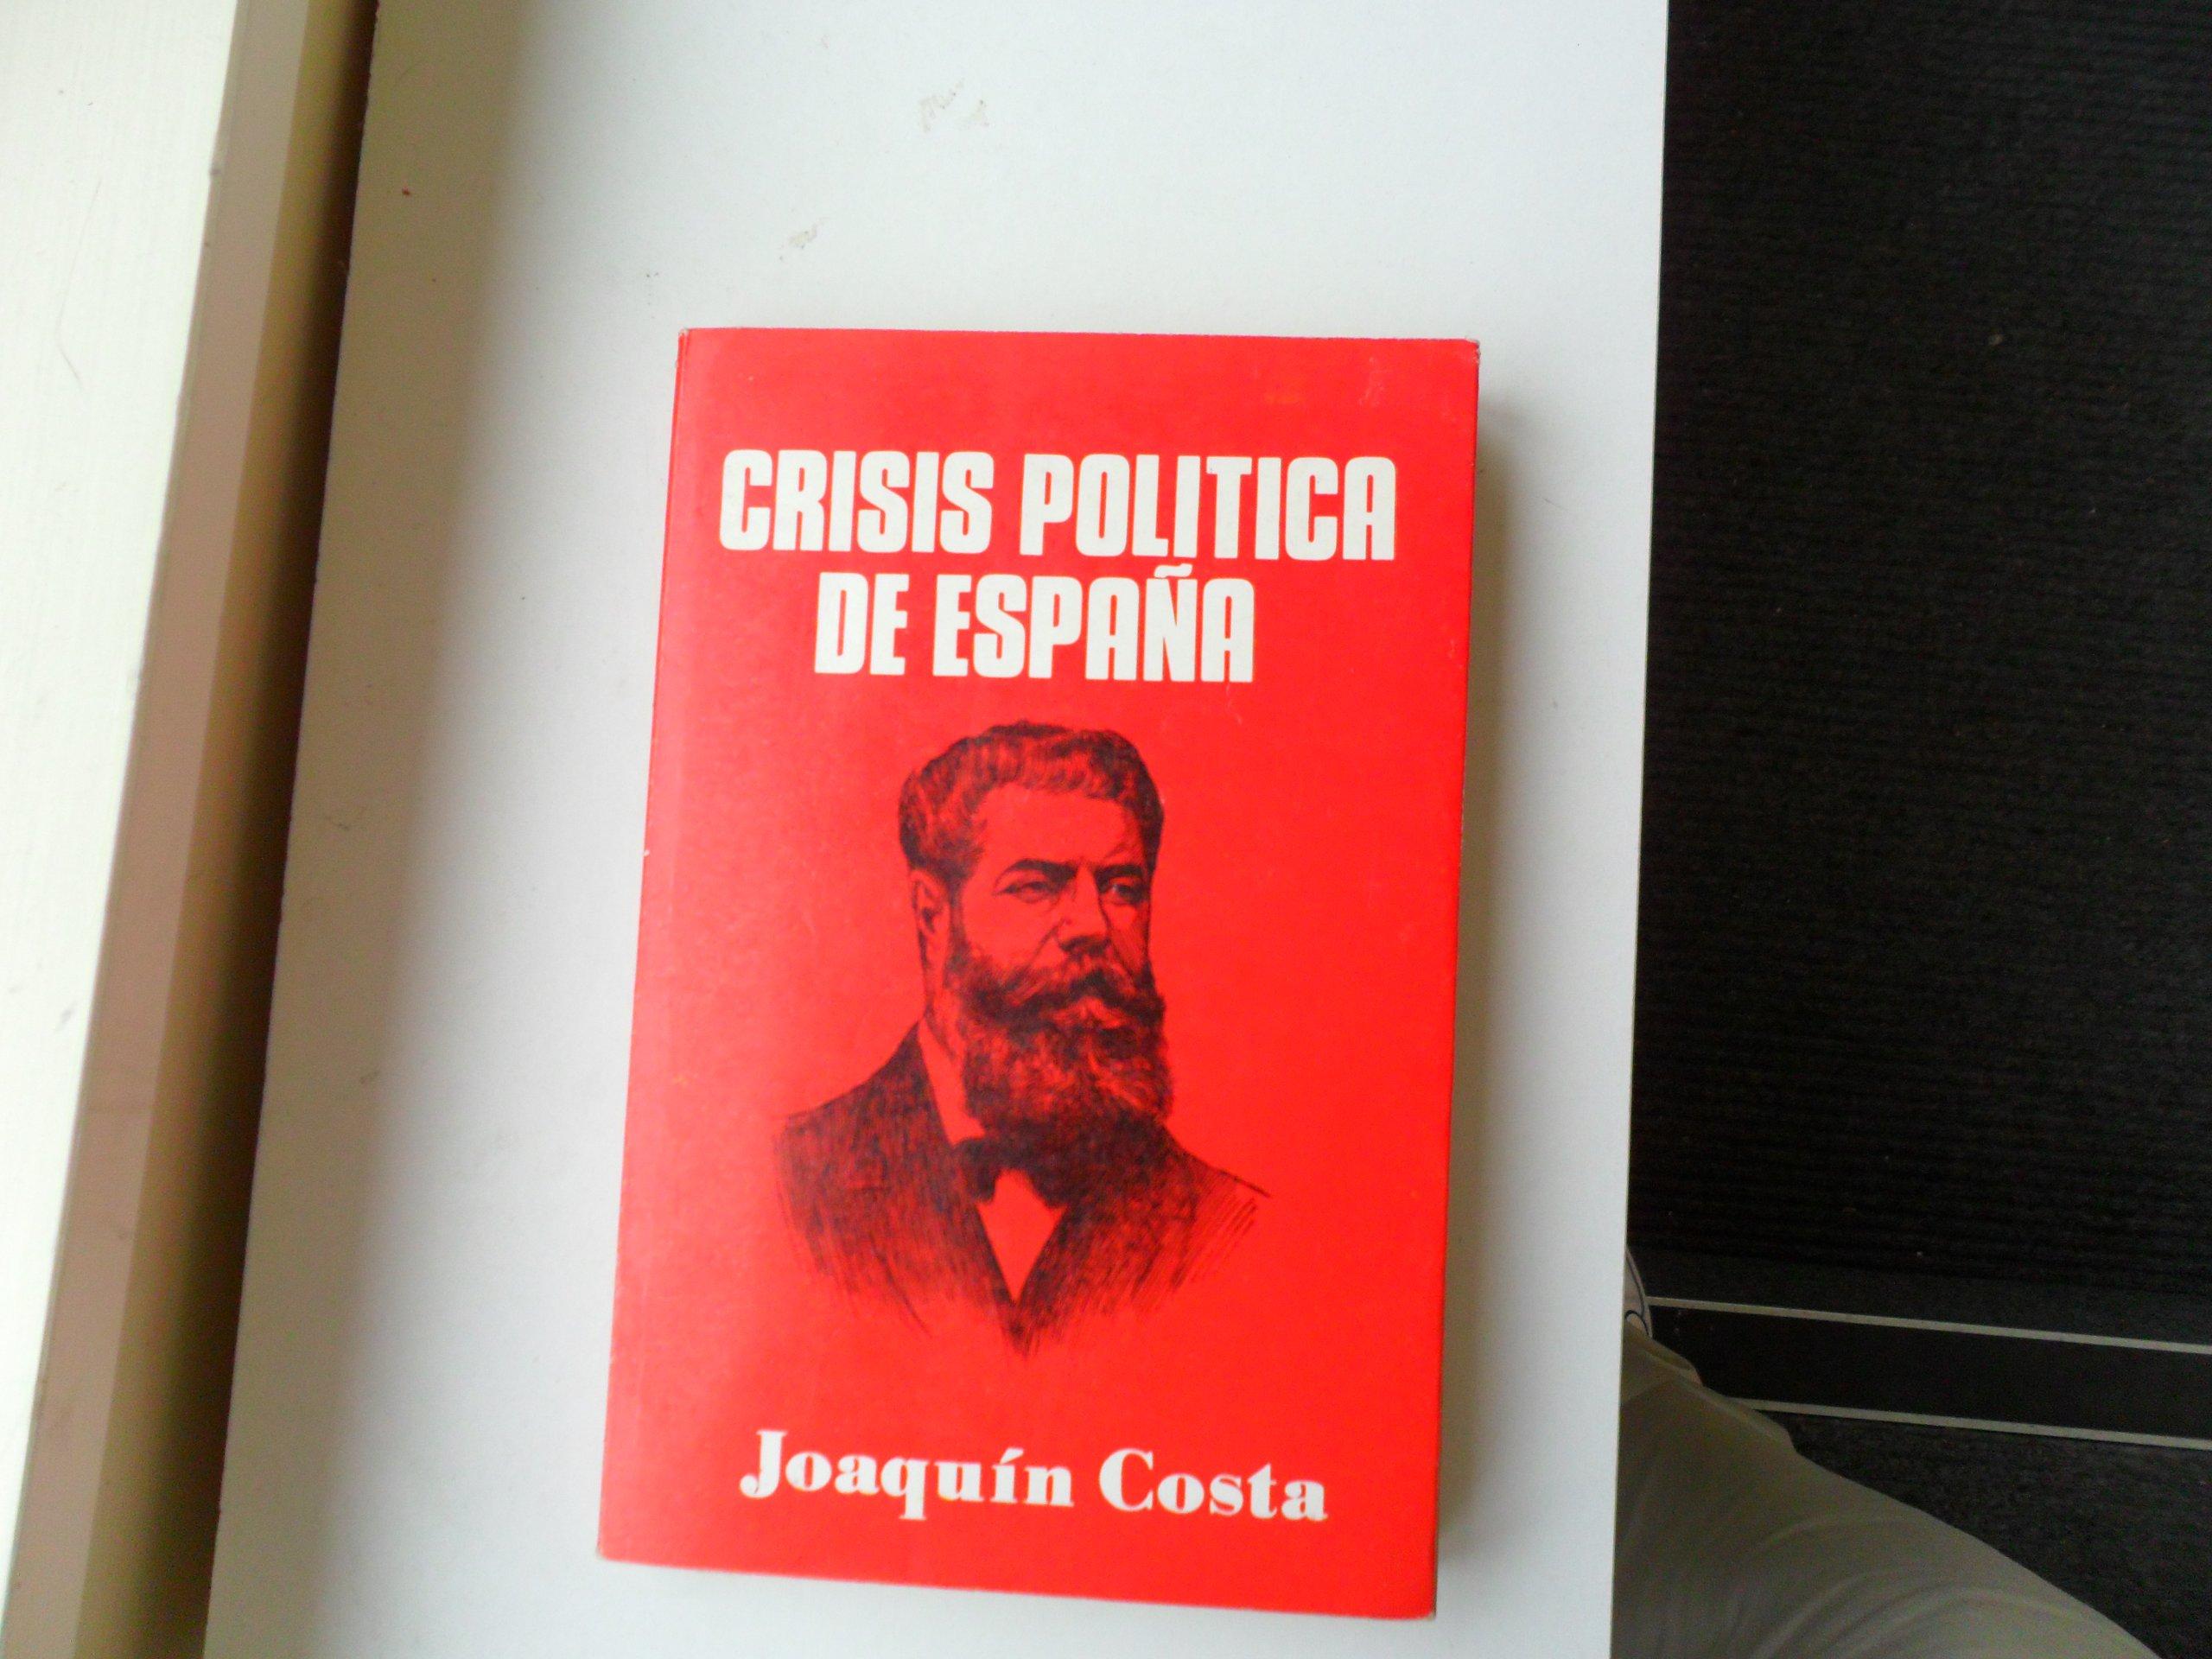 Crisis Politica De España. Introduccion De Ramon Liarte.: Amazon.es: Costa, Joaquin.: Libros